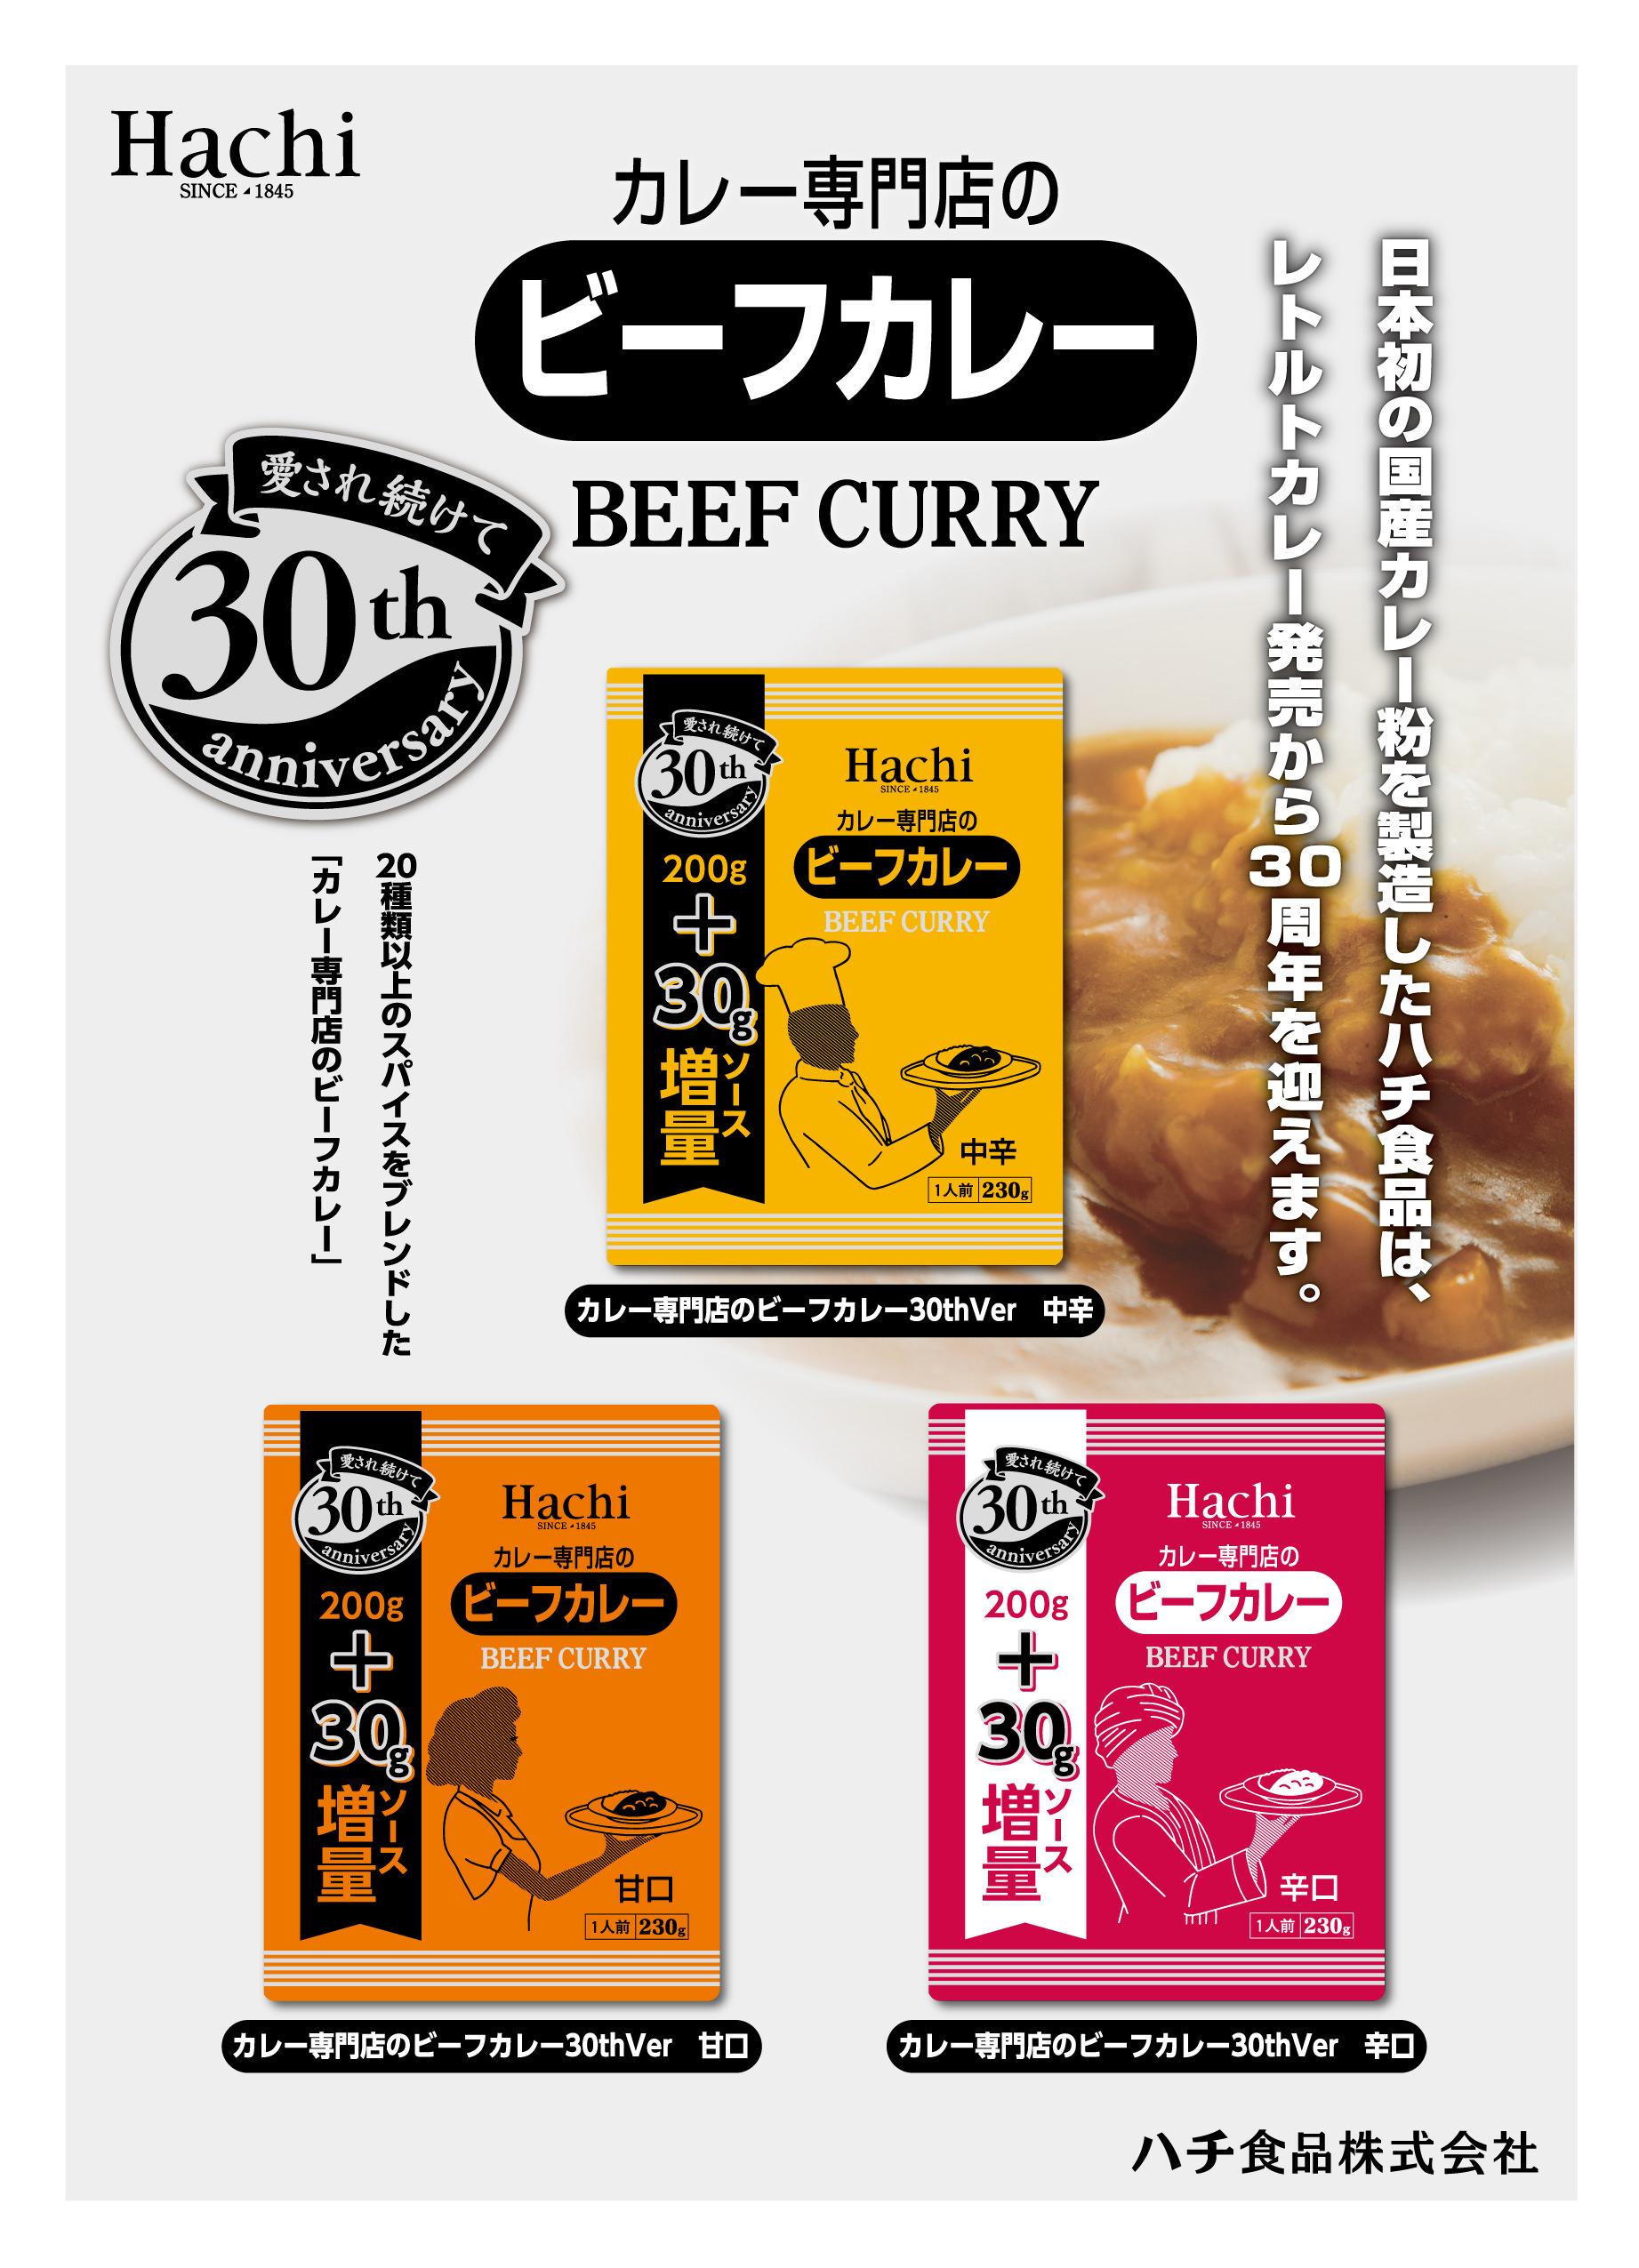 ハチ食品「カレー専門店のビーフカレー」が発売30周年! ソースを30gに増量し、記念パッケージで数量限定発売